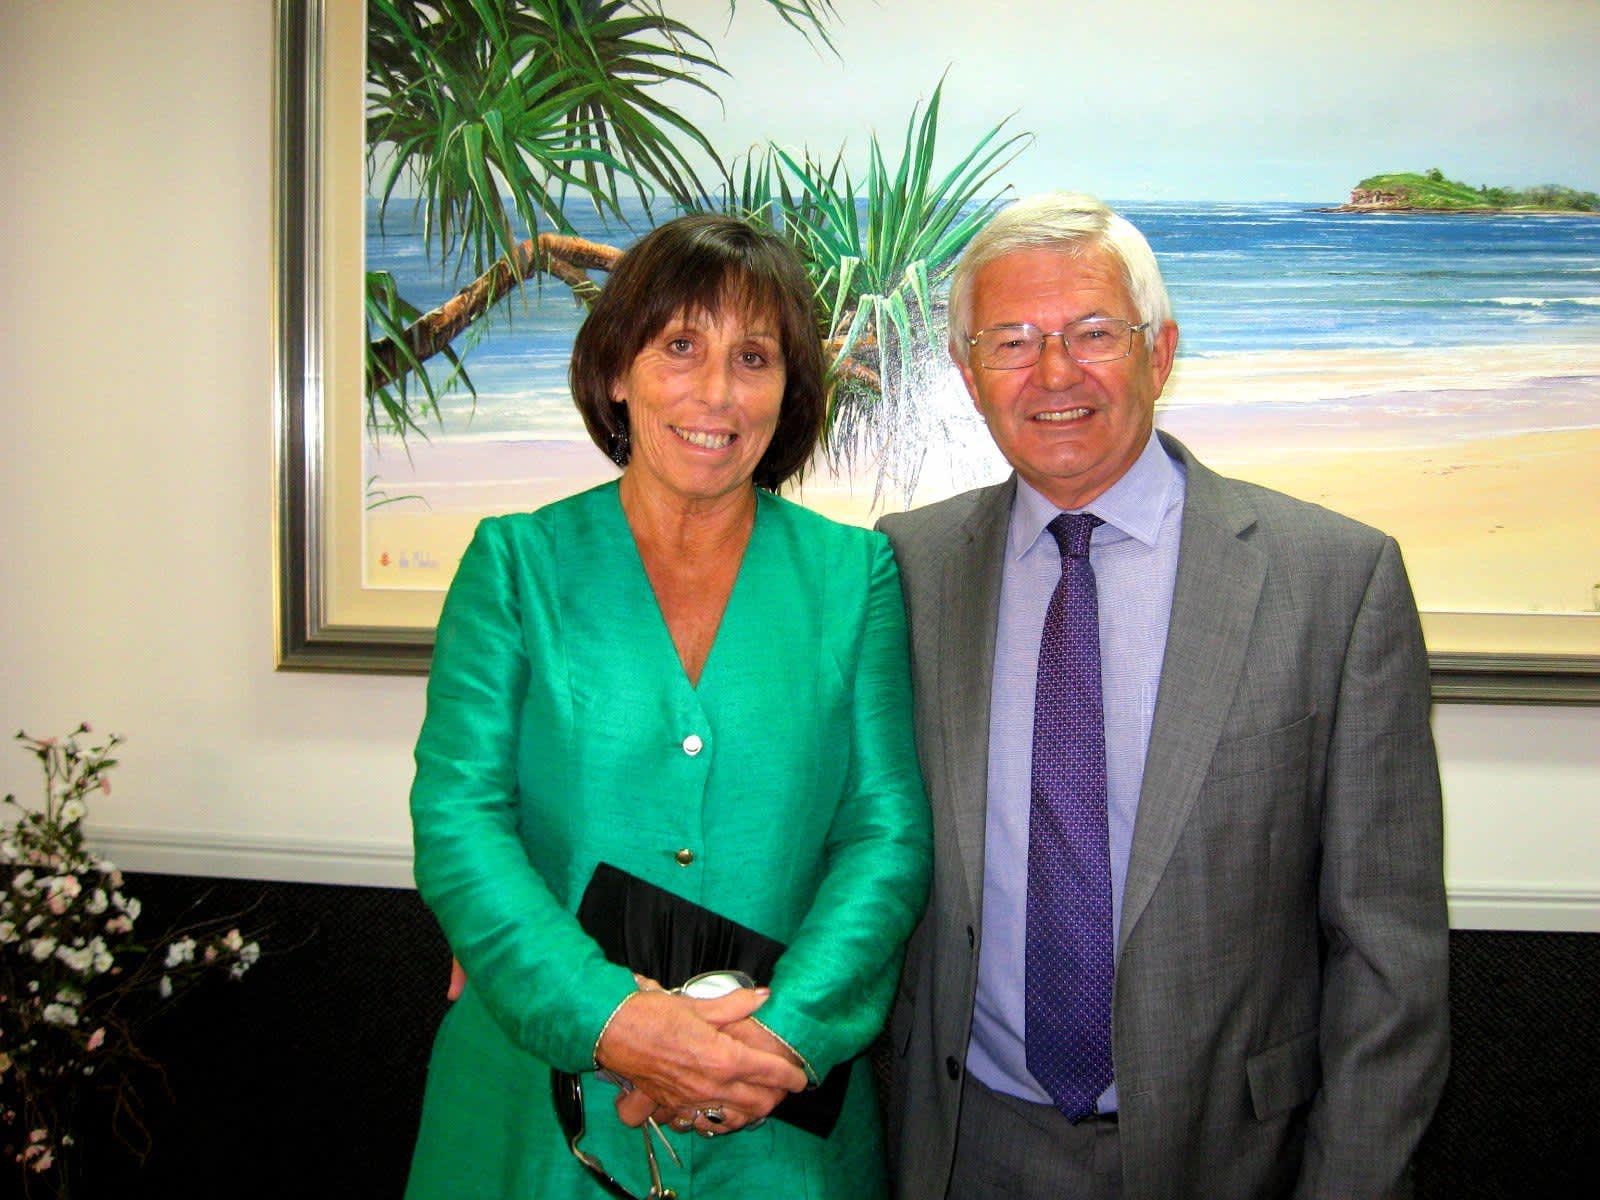 John & Christine from Caloundra, Queensland, Australia